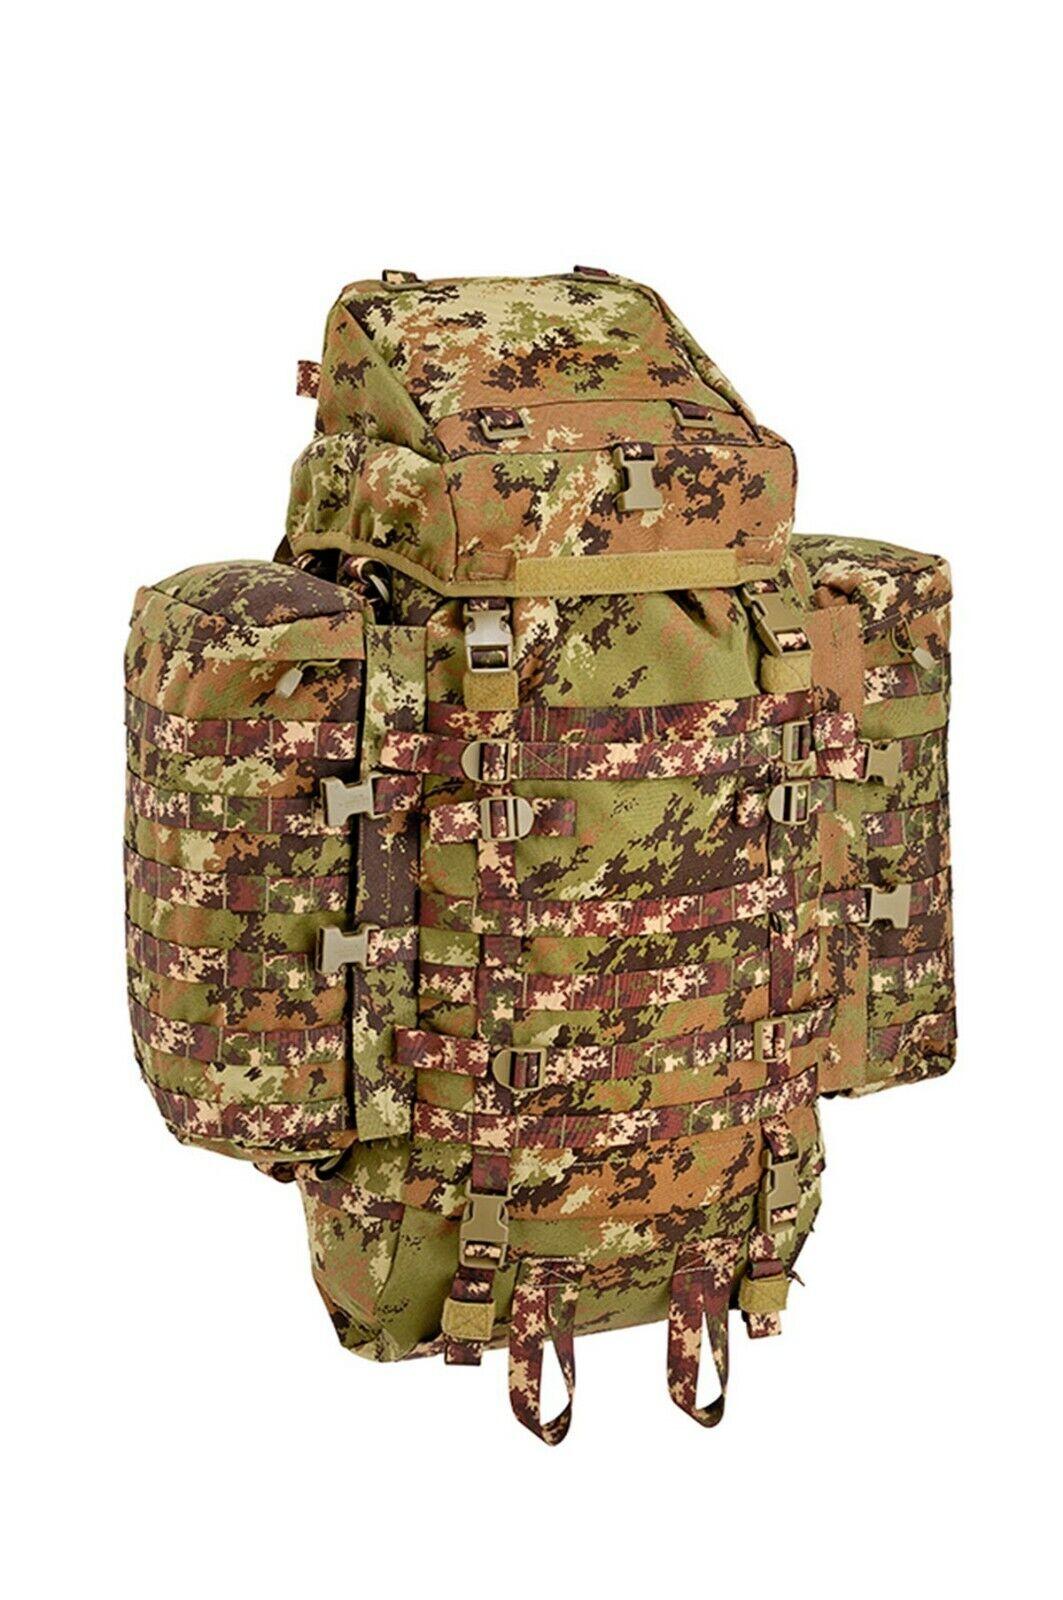 Defcon 5 Modular Battle 1 Zaino Lt 140 D5-Hh06827 OD verde